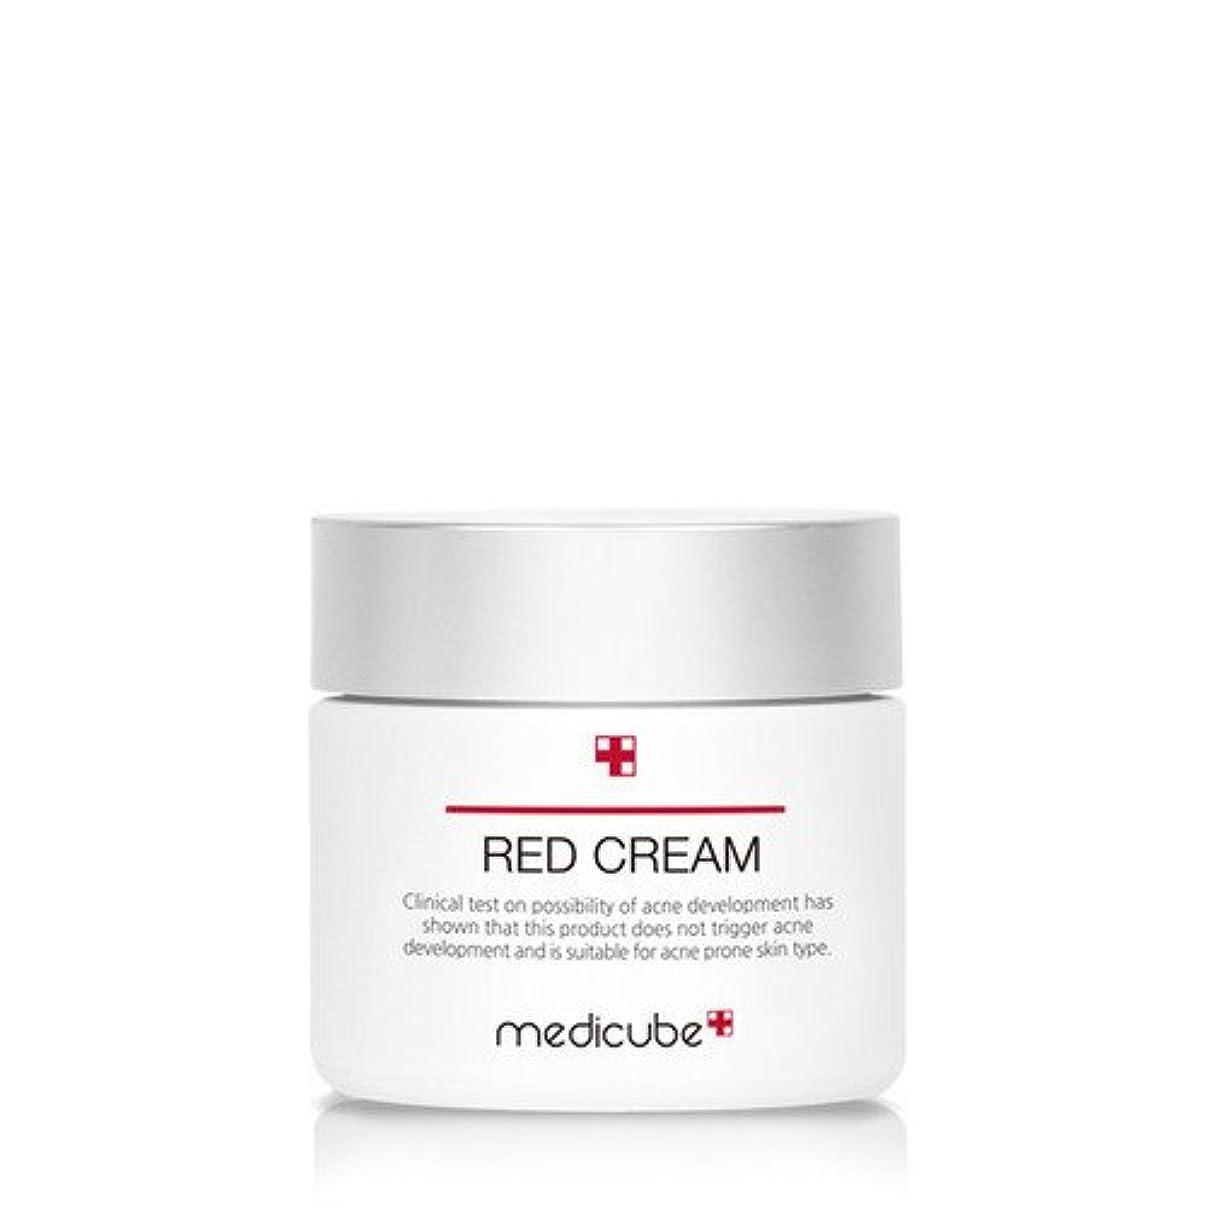 しょっぱい保持スツール[Medicube]メディキューブ レッドクリーム 50ml / Medicube Red Cream 50ml / 正品?海外直送商品 [並行輸入品]